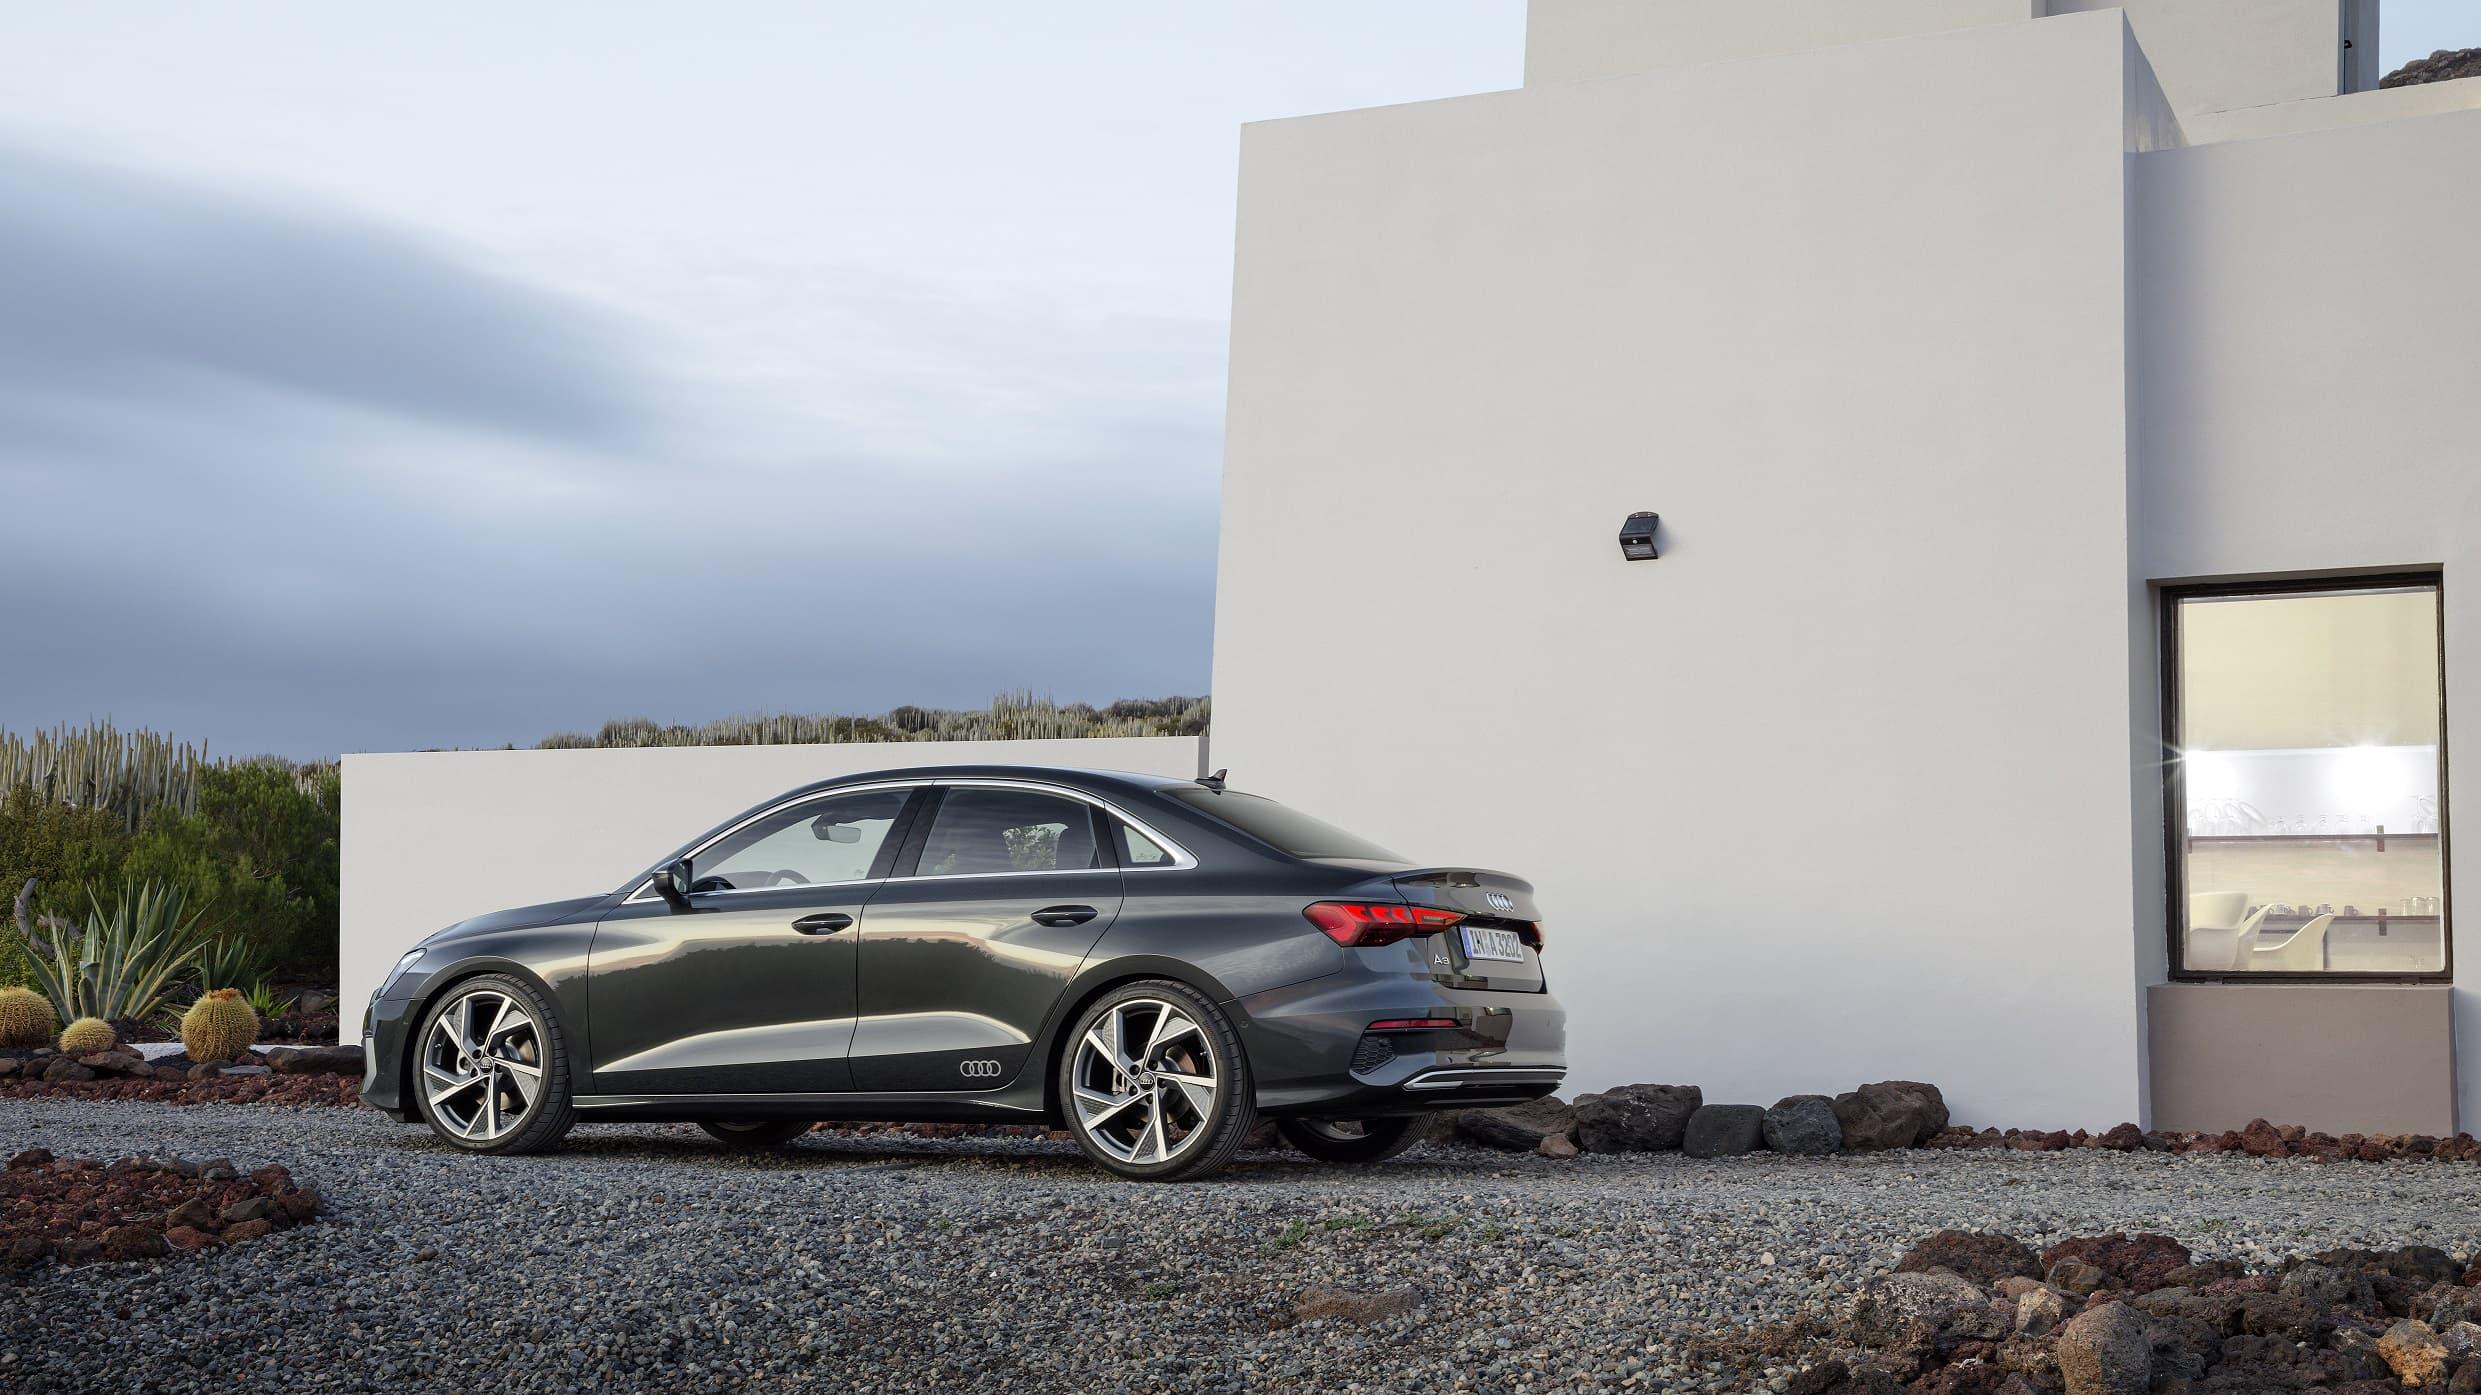 Νέο Audi A3 Sedan - Εξωτερικός σχεδιασμός - Πίσω όψη